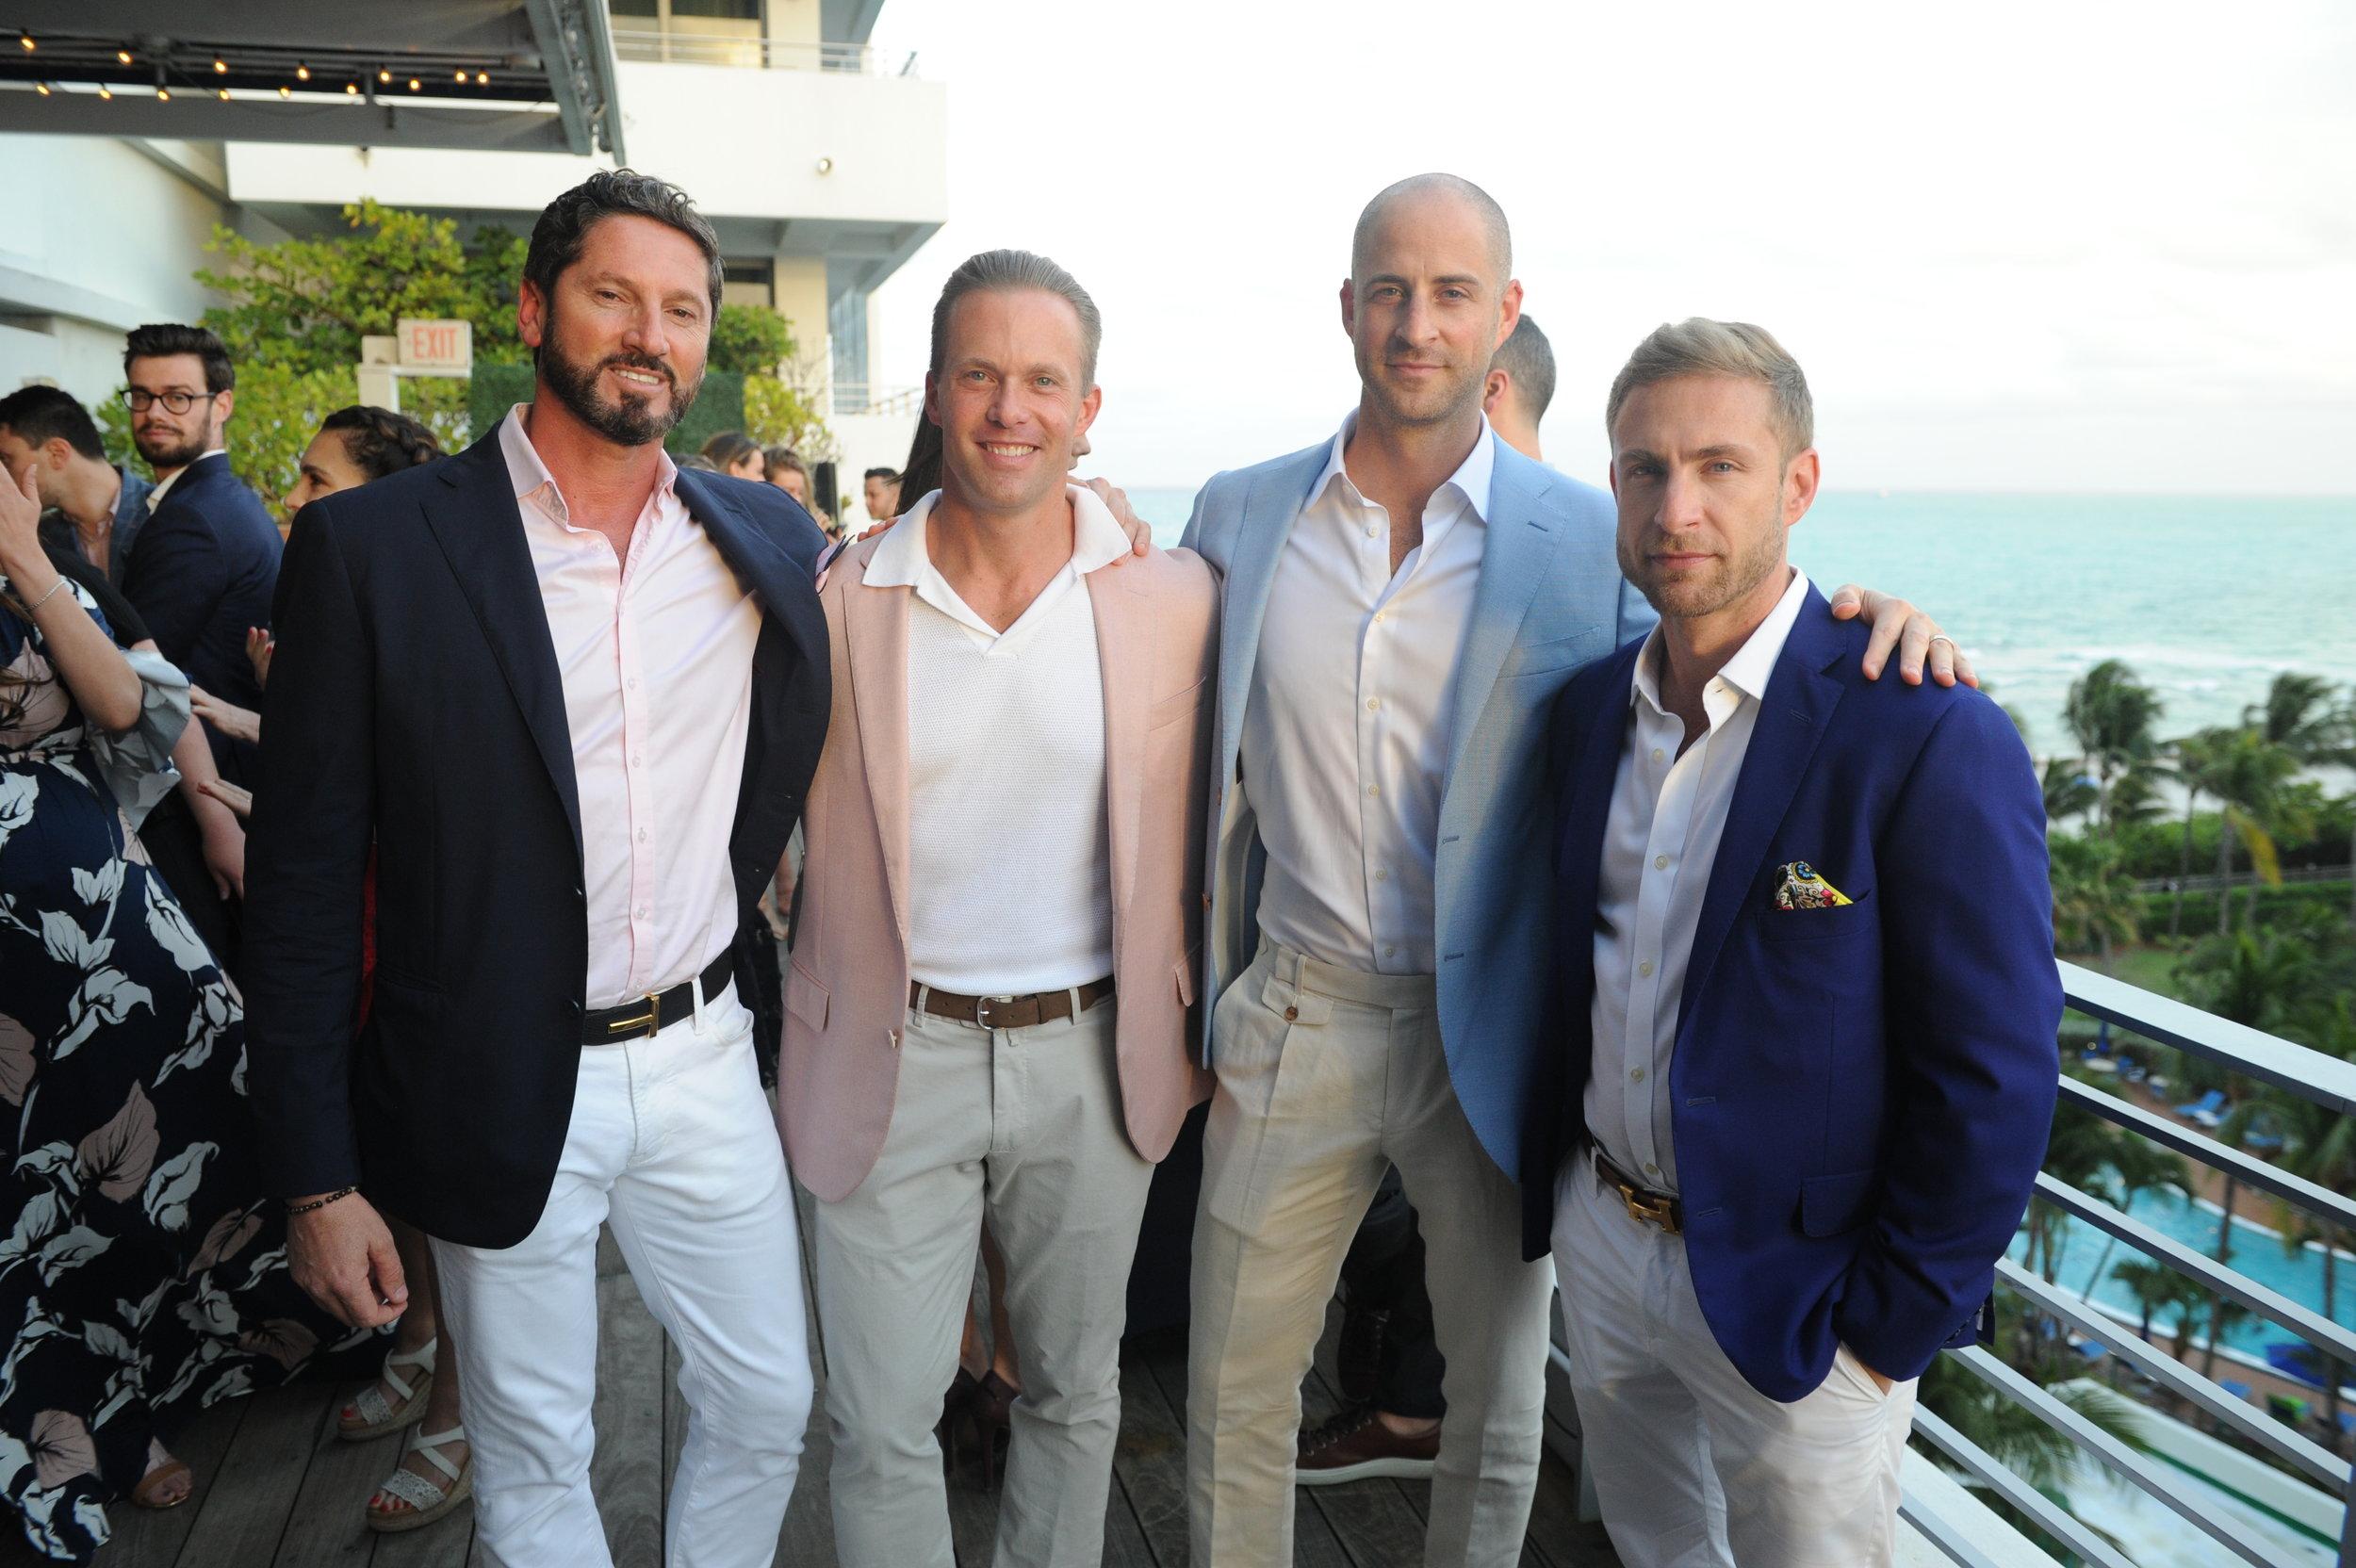 Pietro Belmonte, Darin Tansey, Dan Hechtkopf, & Jorge Sanchez